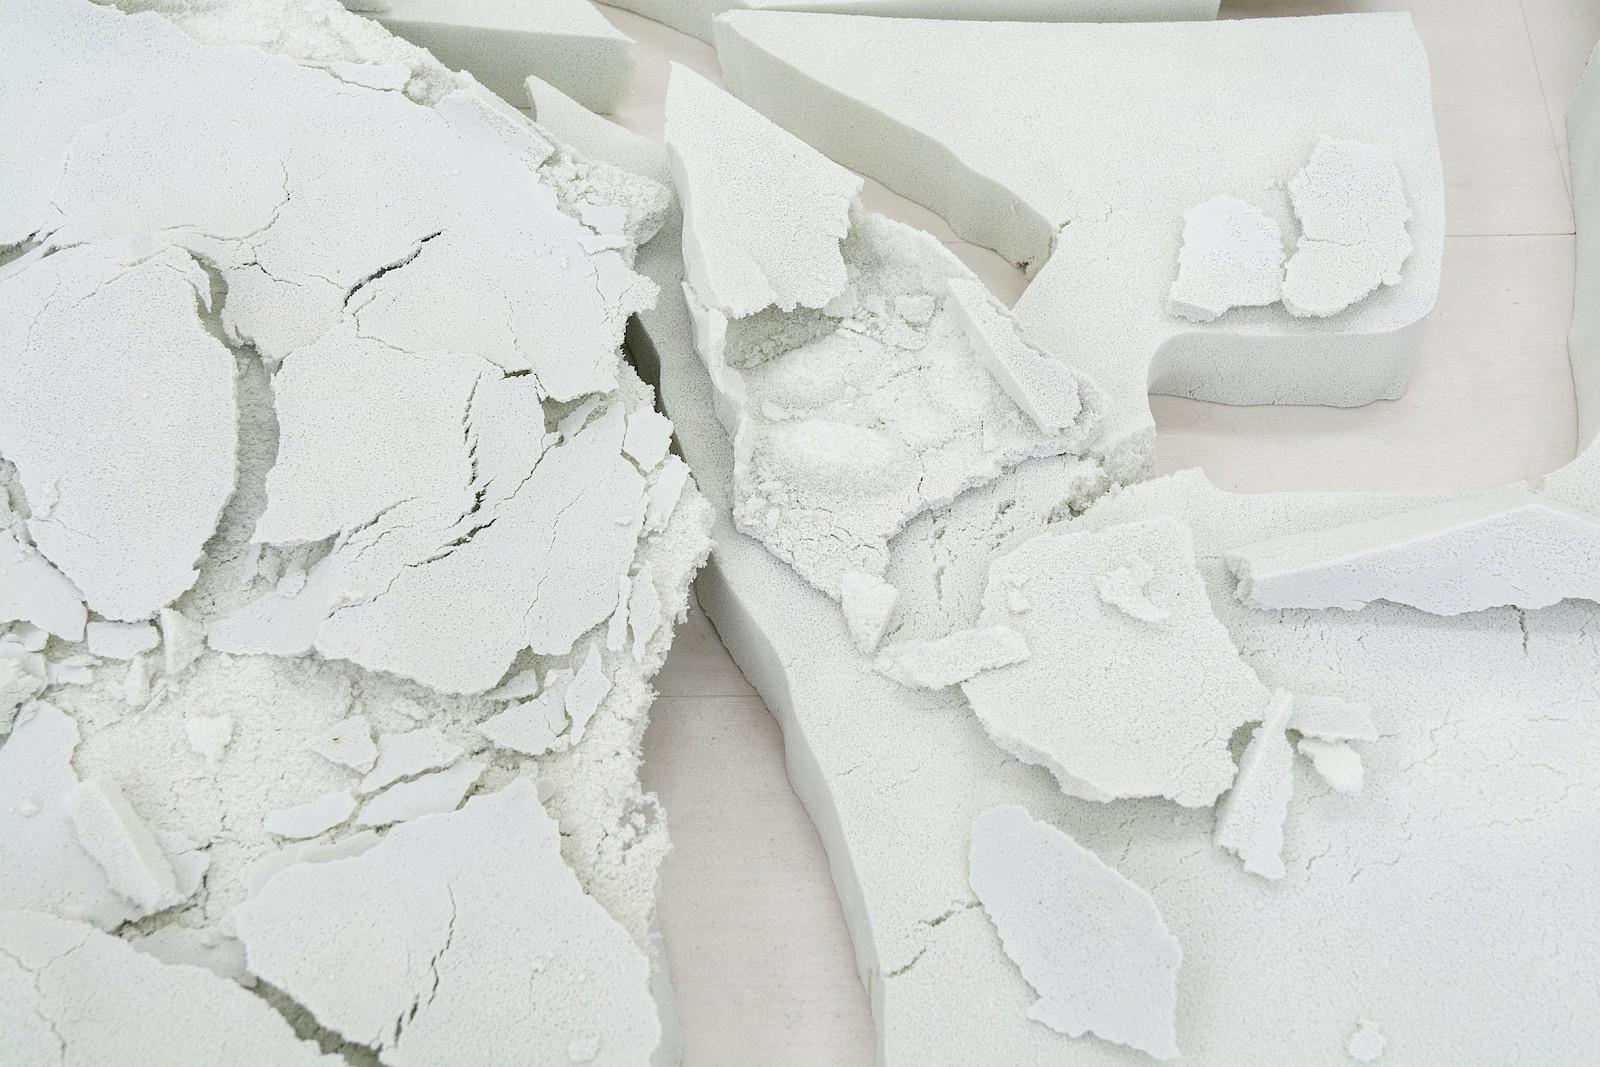 Image - Porcelain, Size: 90 x 180cm